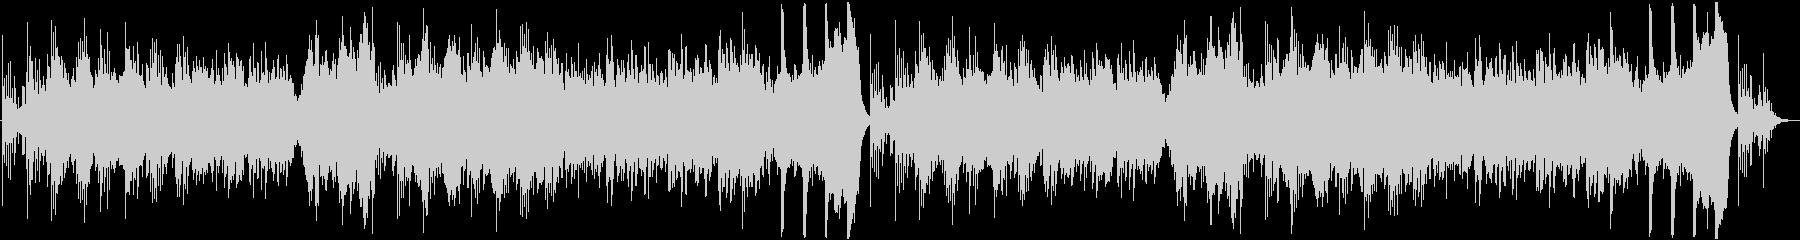 ピアノの旋律が印象的なホラーBGMの未再生の波形